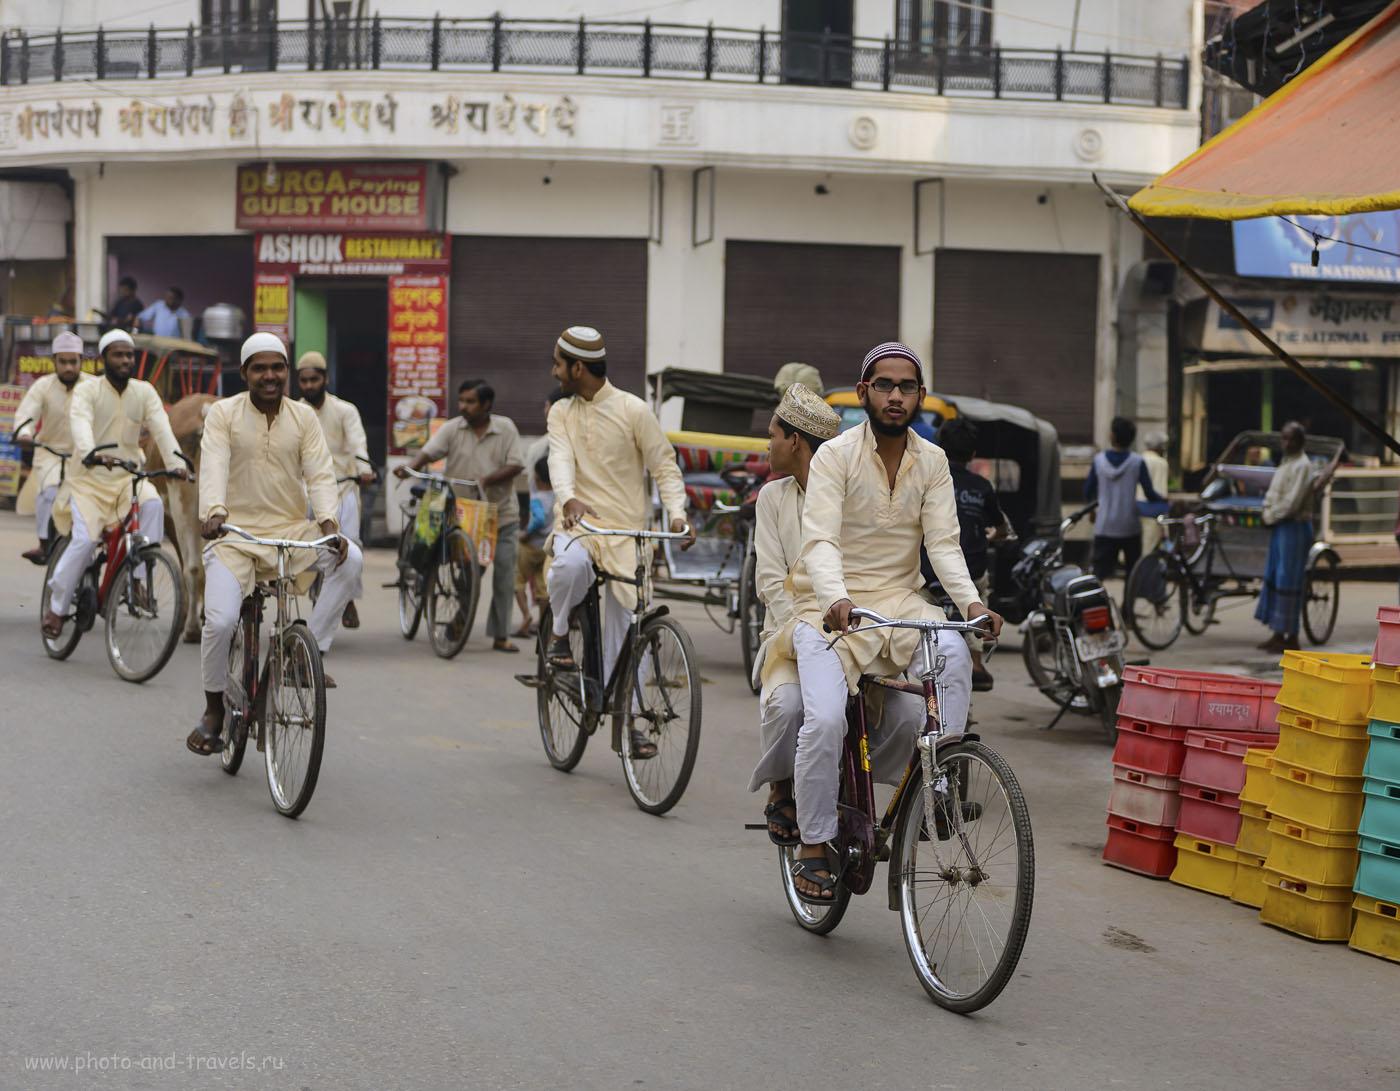 Фото 18. Индия – одно из самых многонациональных и многоконфессиональных государств в мире. Дай Бог, чтобы улыбки не слетали с лица жителей Варанаси. 1/1000, 2.8, 250, 56.